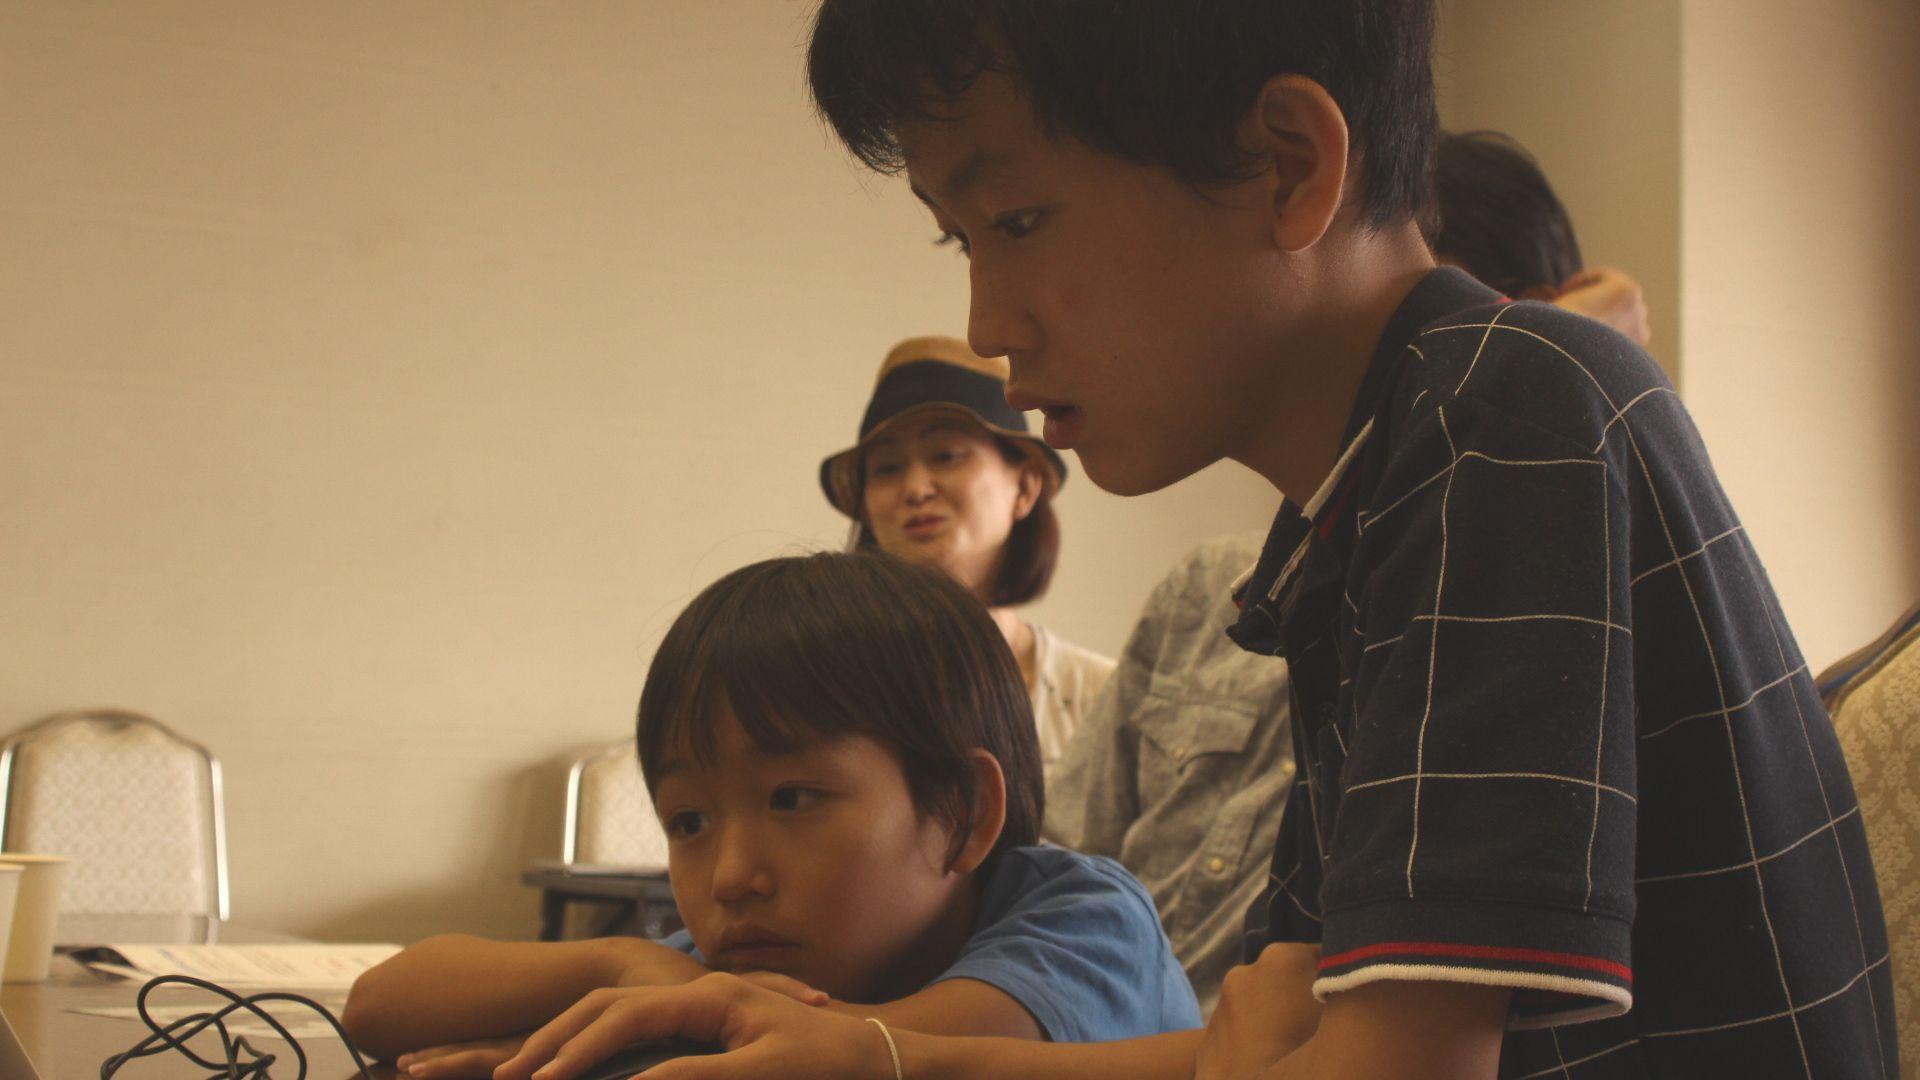 体験会に参加した子どもがパソコンに向かっている様子